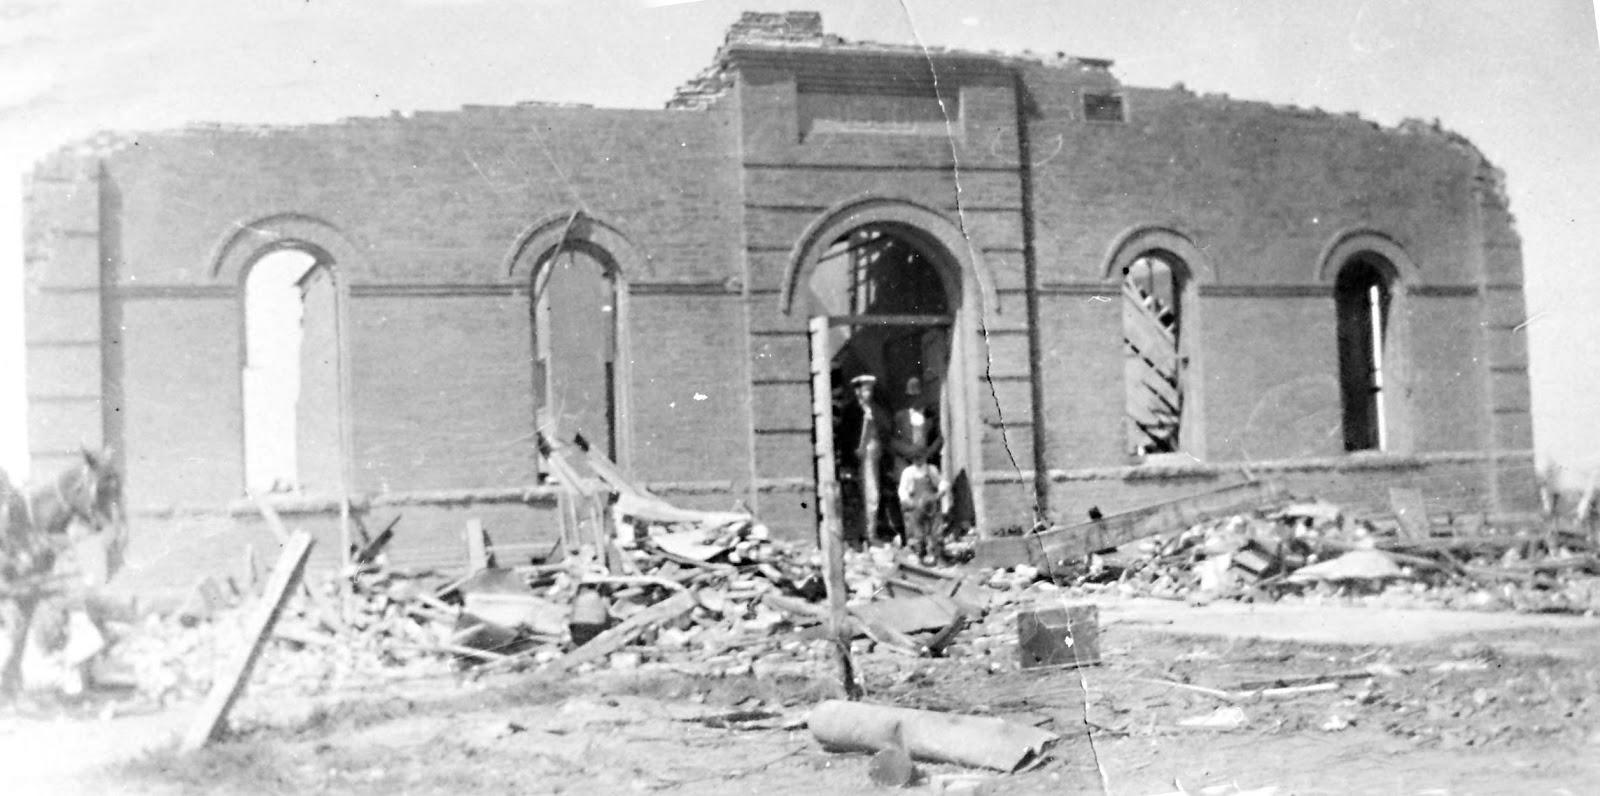 Court Records Check Franklin County Illinois Circuit Desoto Public School Following The March 18 1925 Tornado